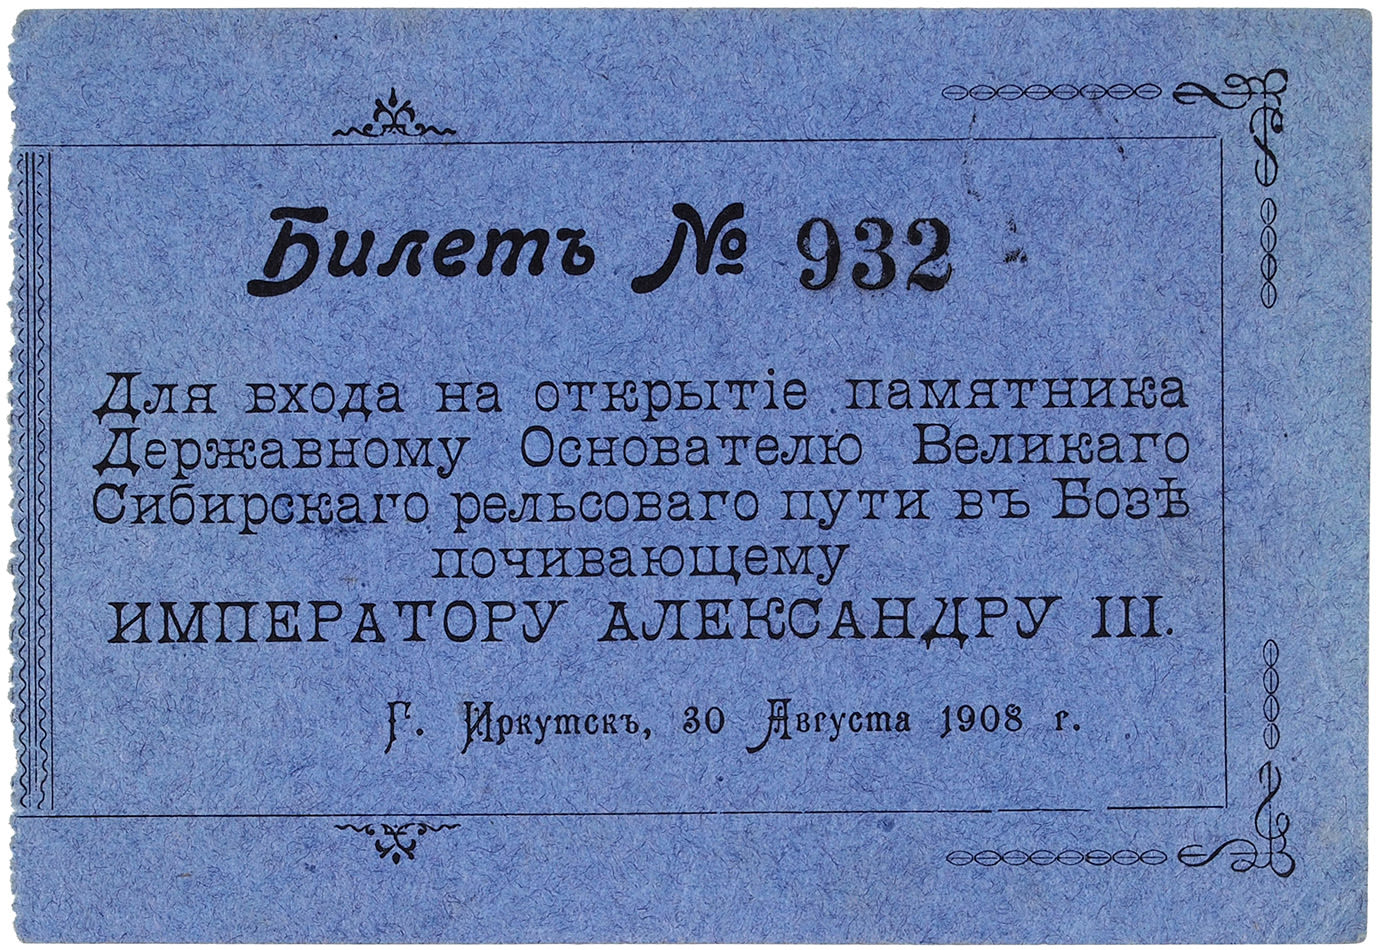 04. Билет № 932 для входа на открытие памятника императору Александру III. Иркутск, 30 августа 1908